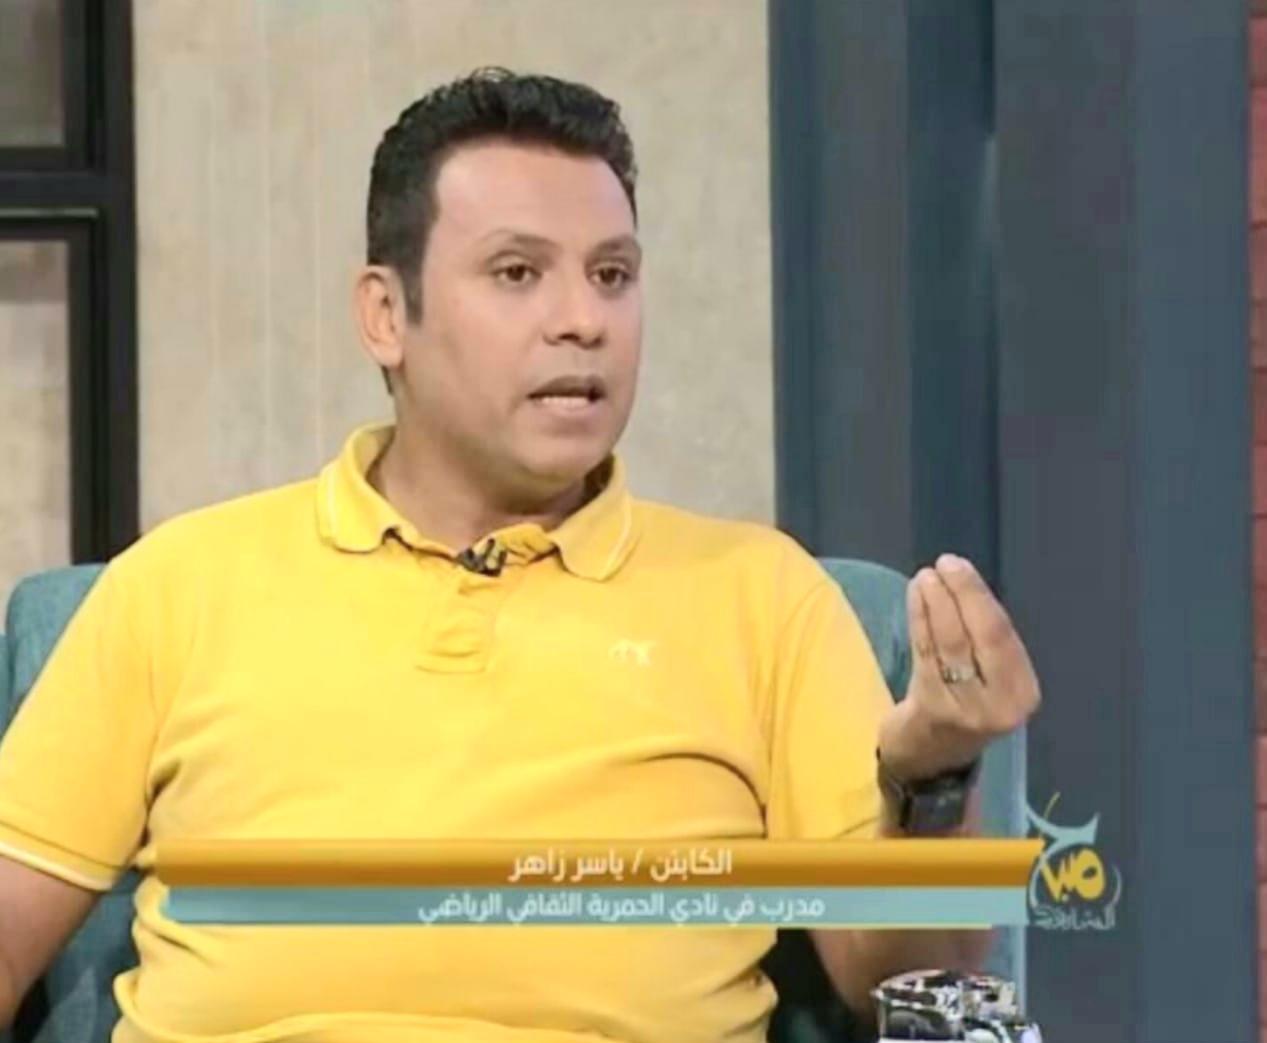 ياسر جلال زاهر يكتب: كلمتين وبس